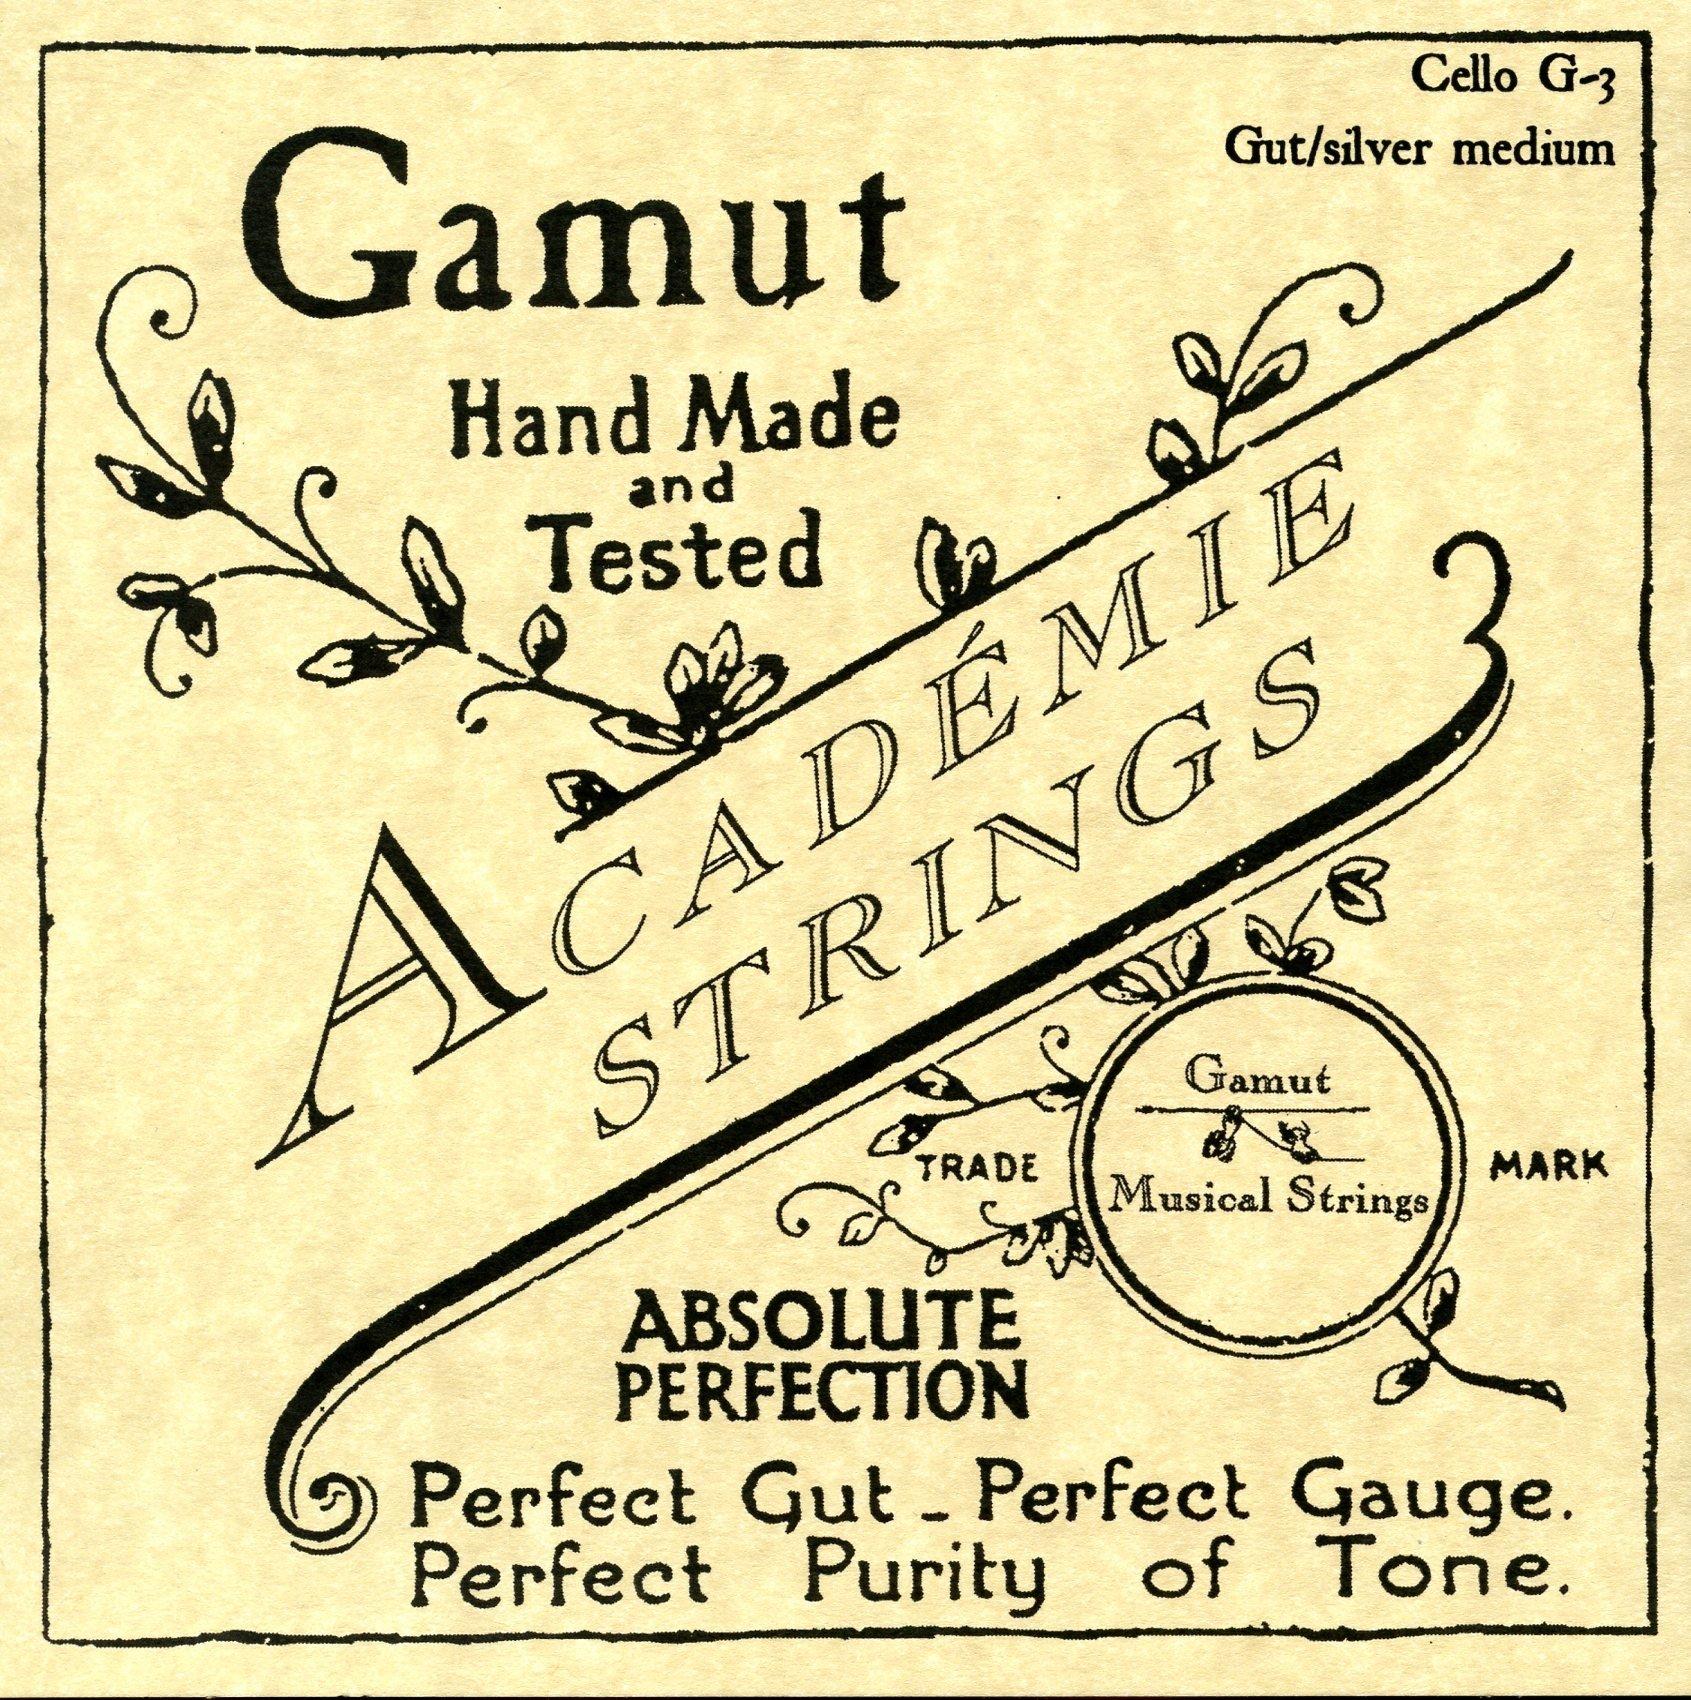 Academie Cello G-3 Gut/Silver Medium Gauge